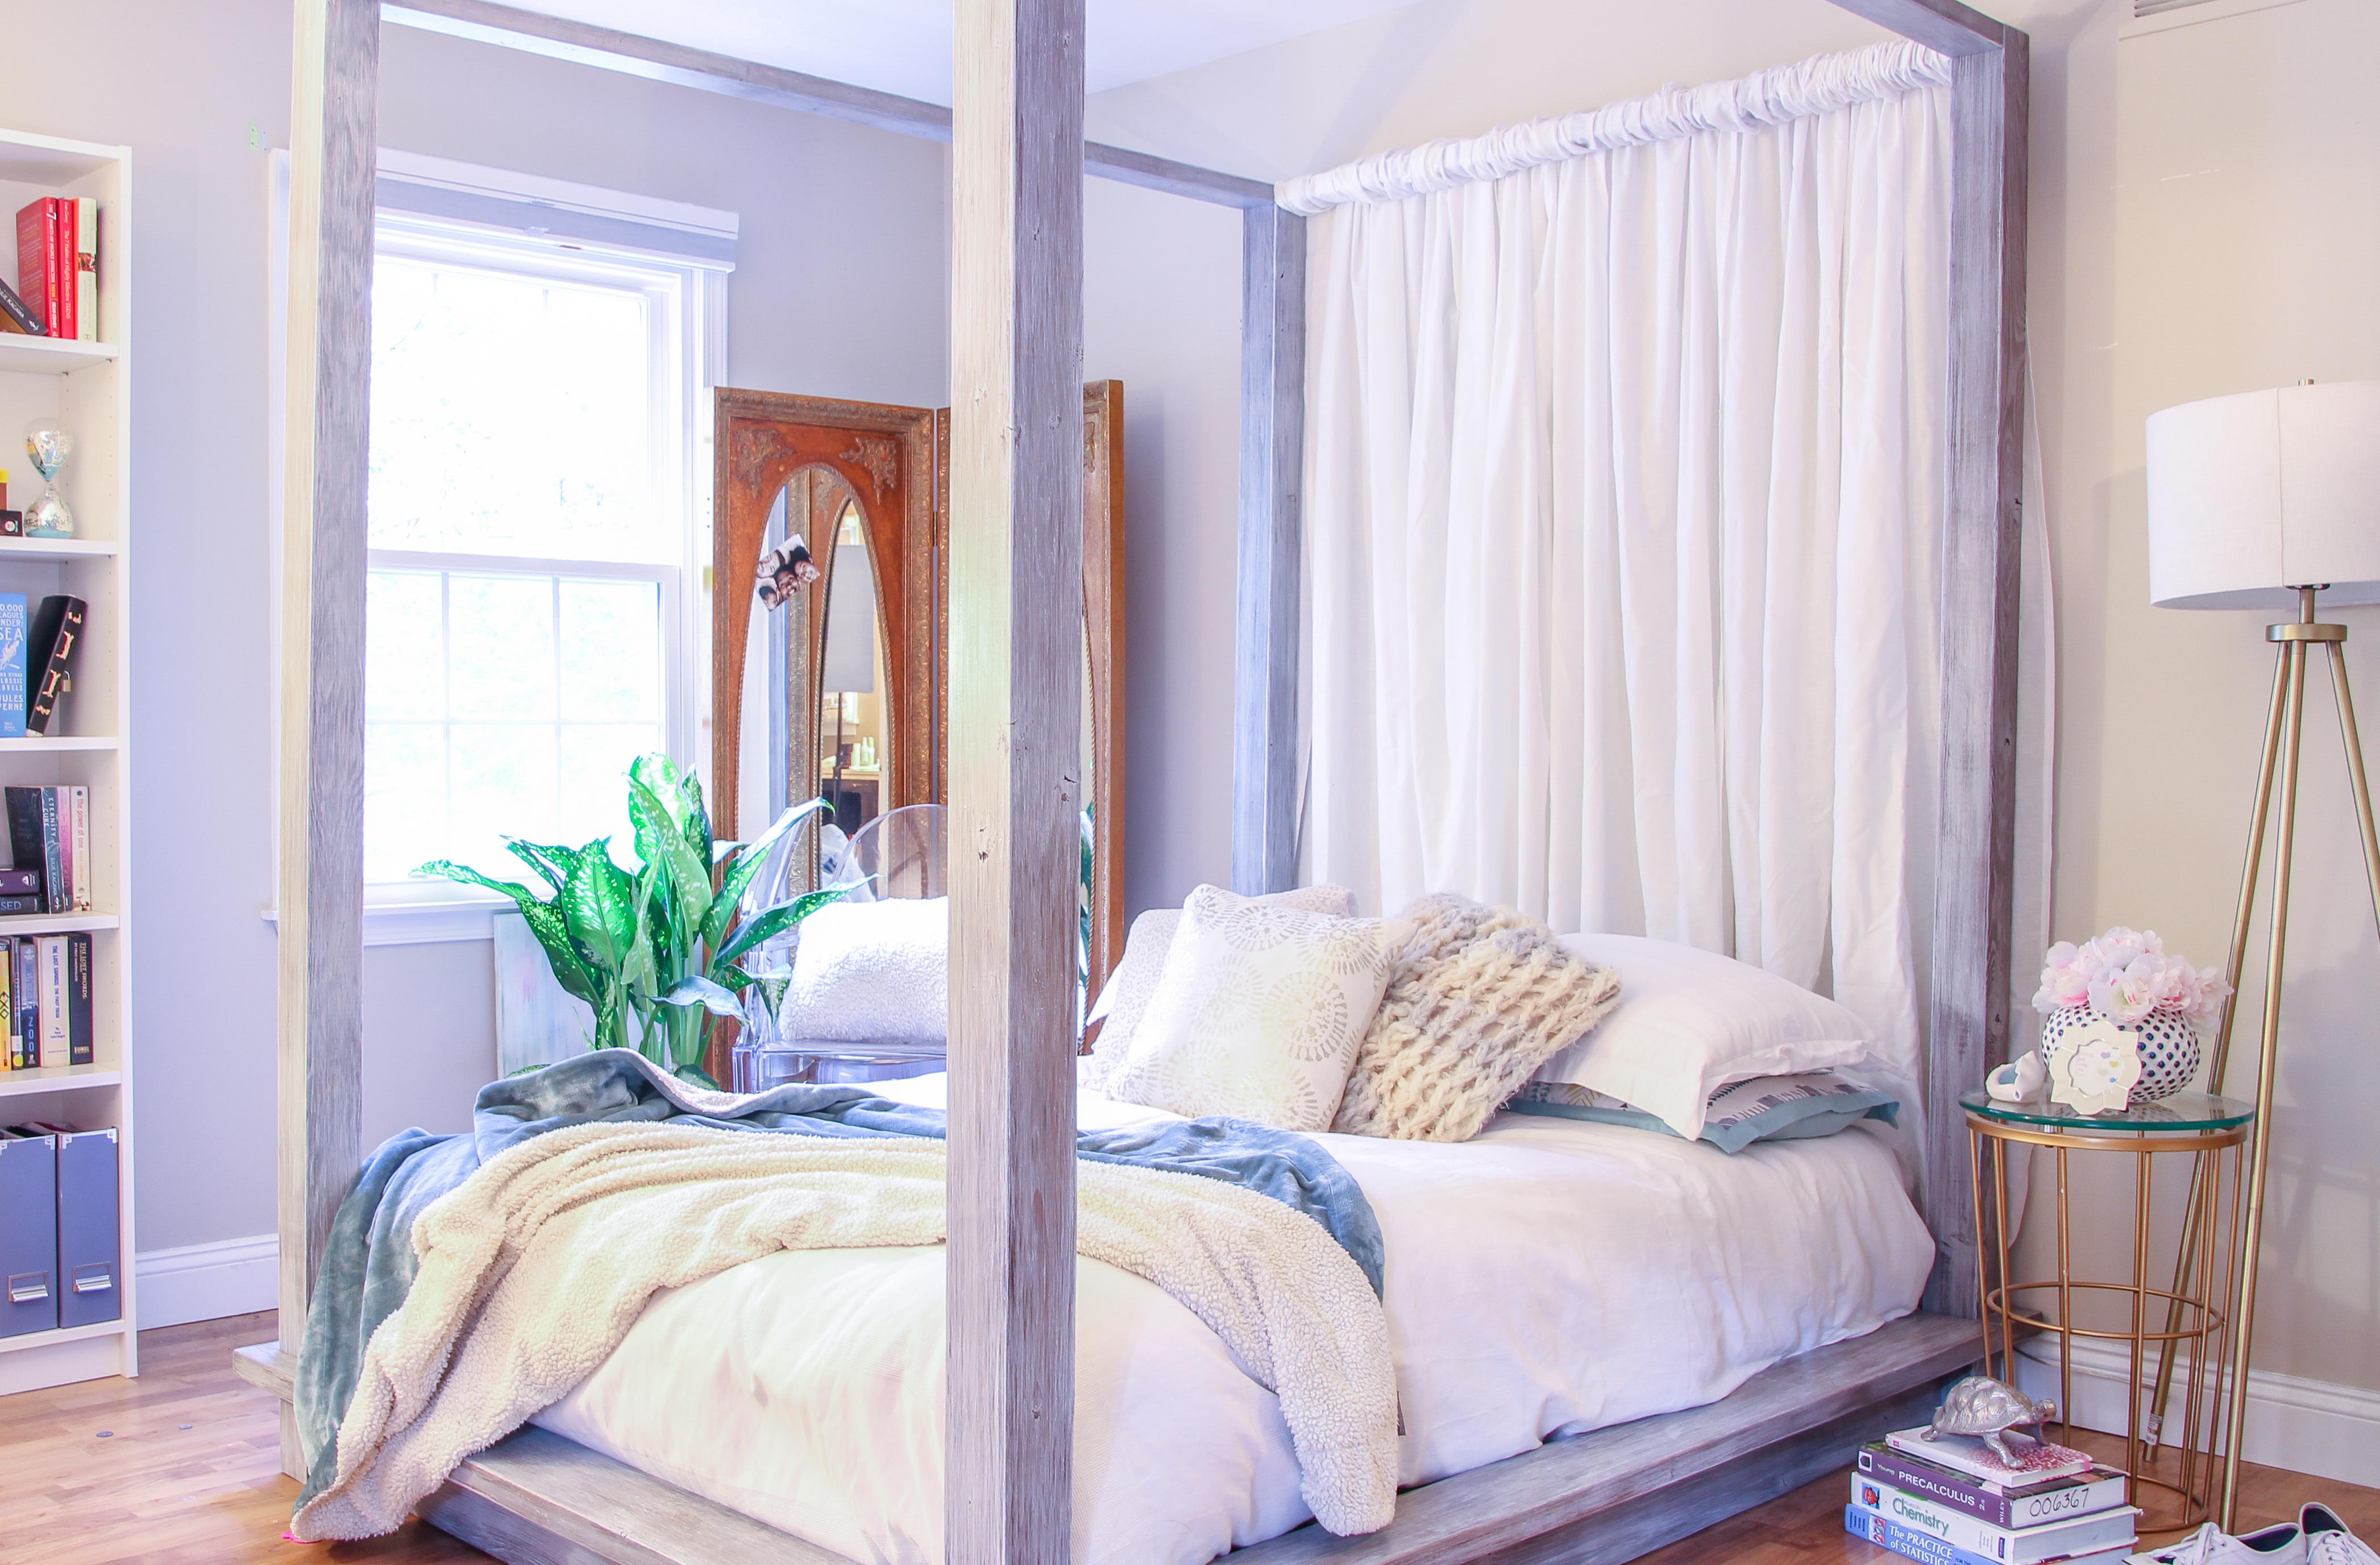 Picture of DIY Platform Bed for Under